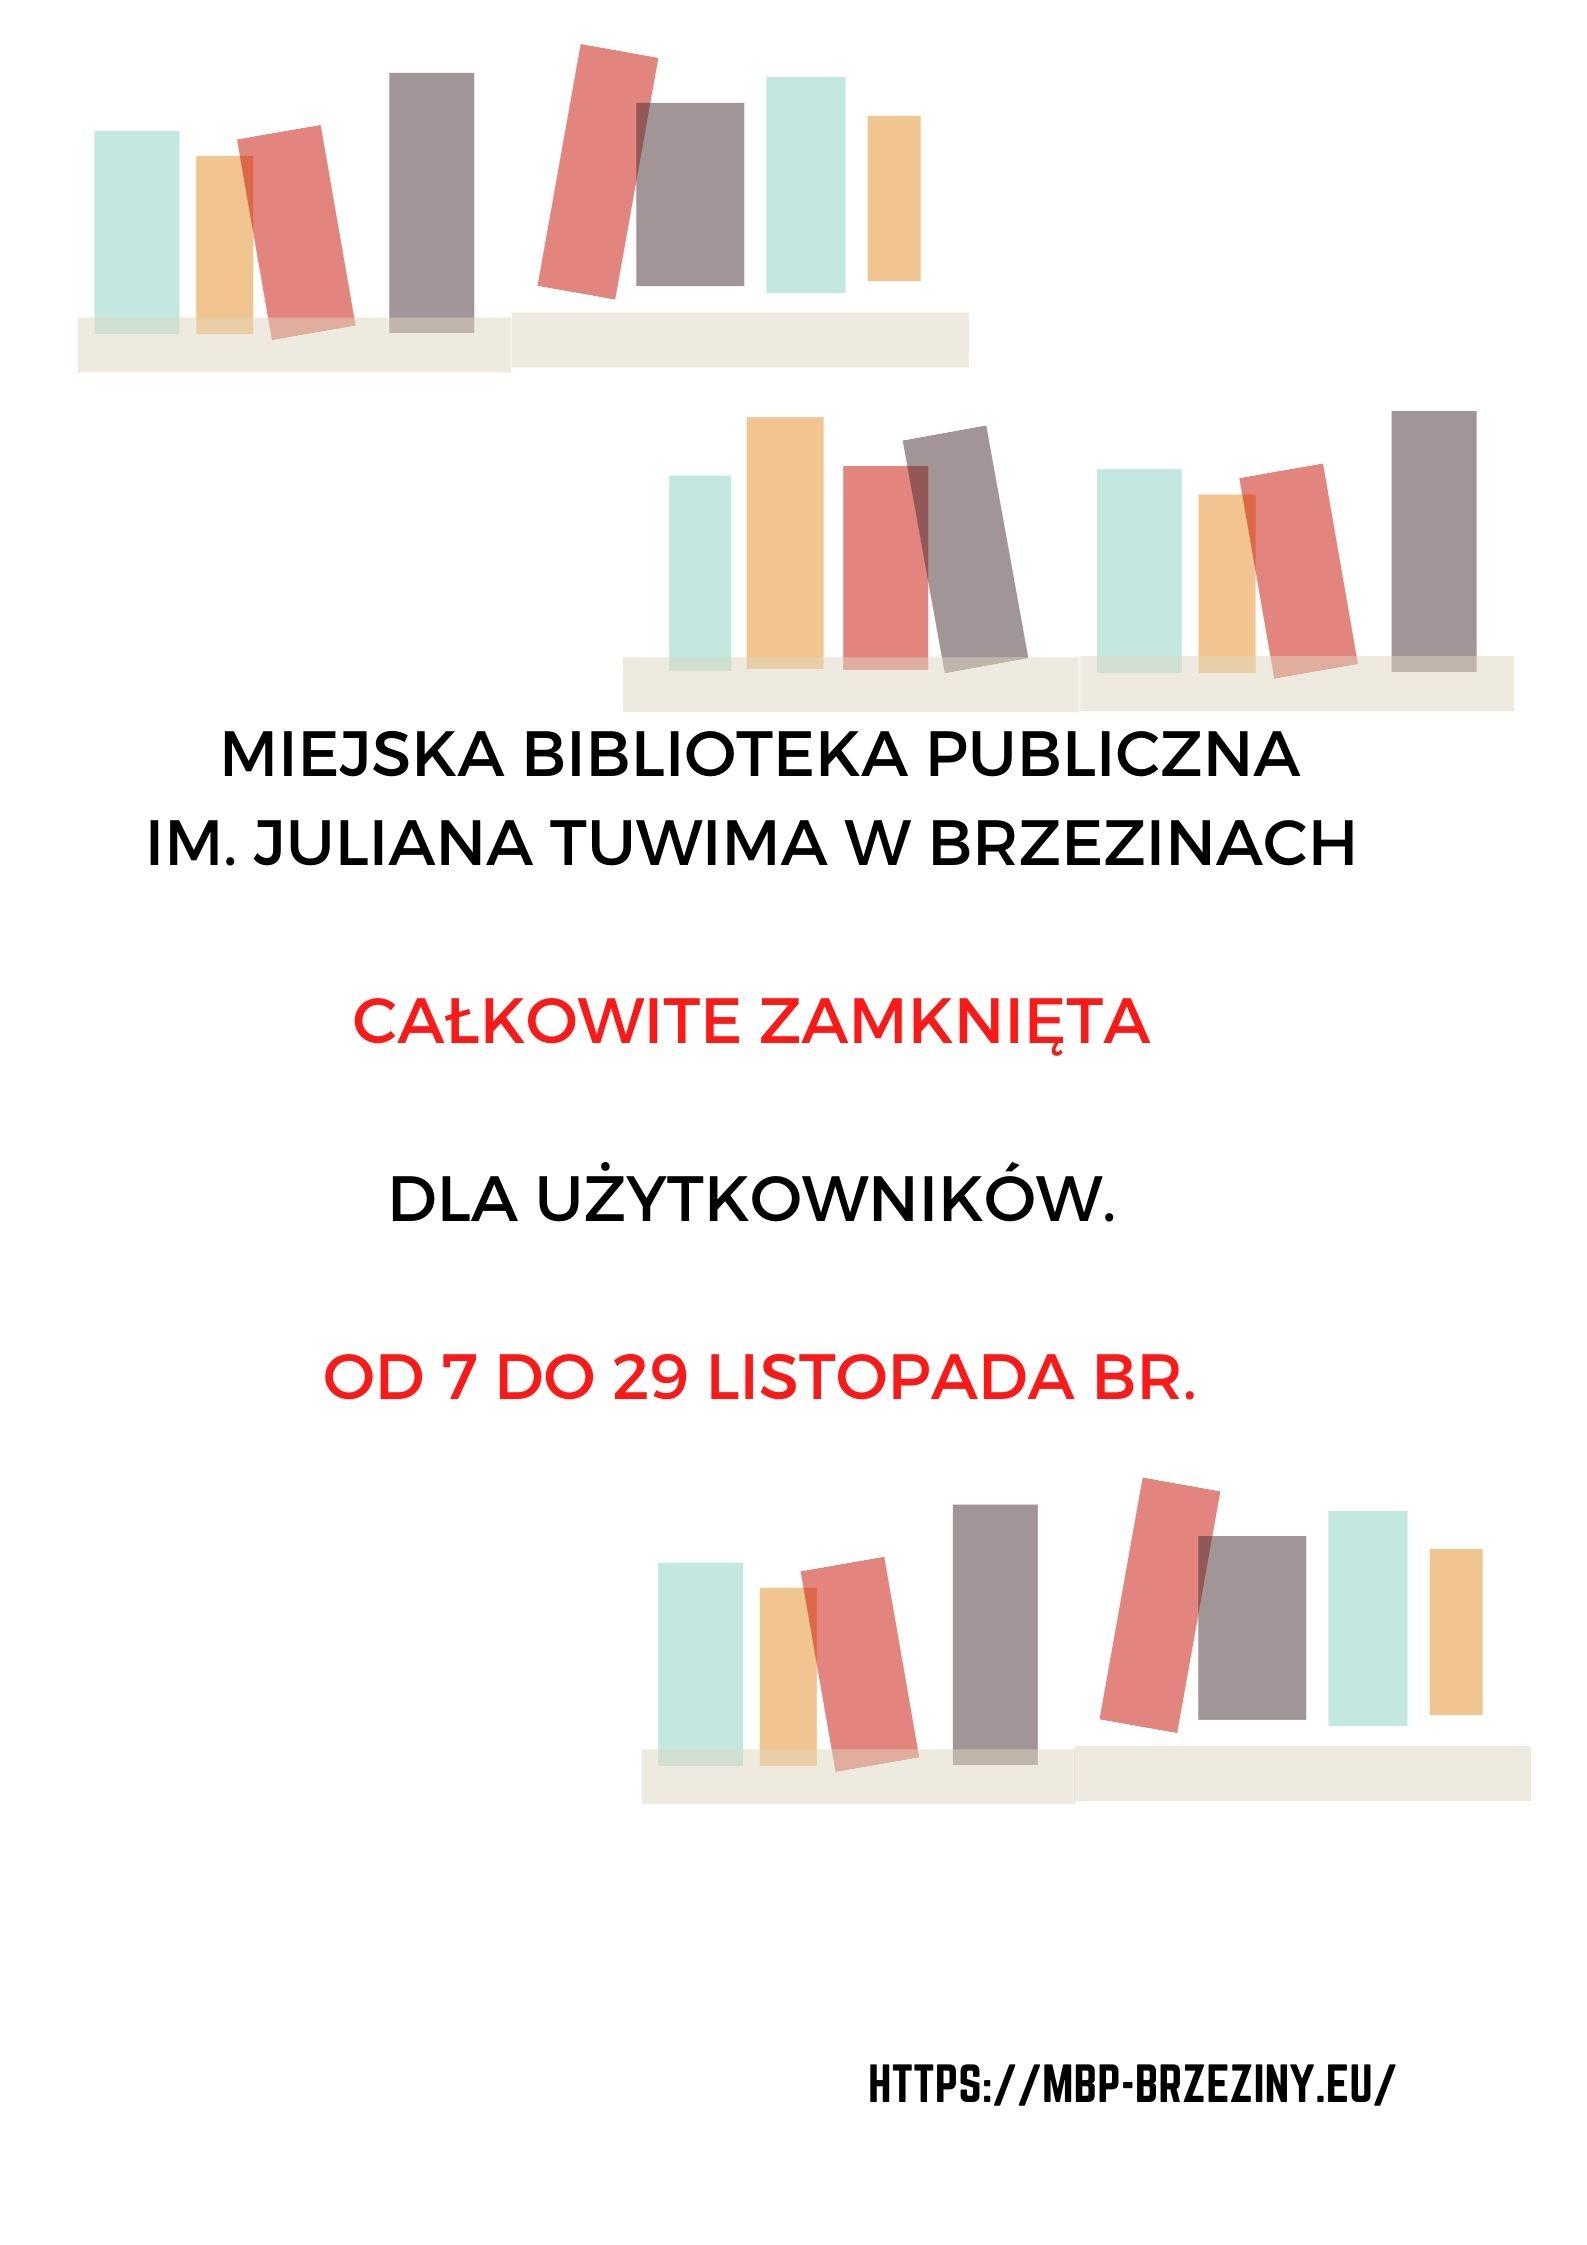 Biblioteka nieczynna